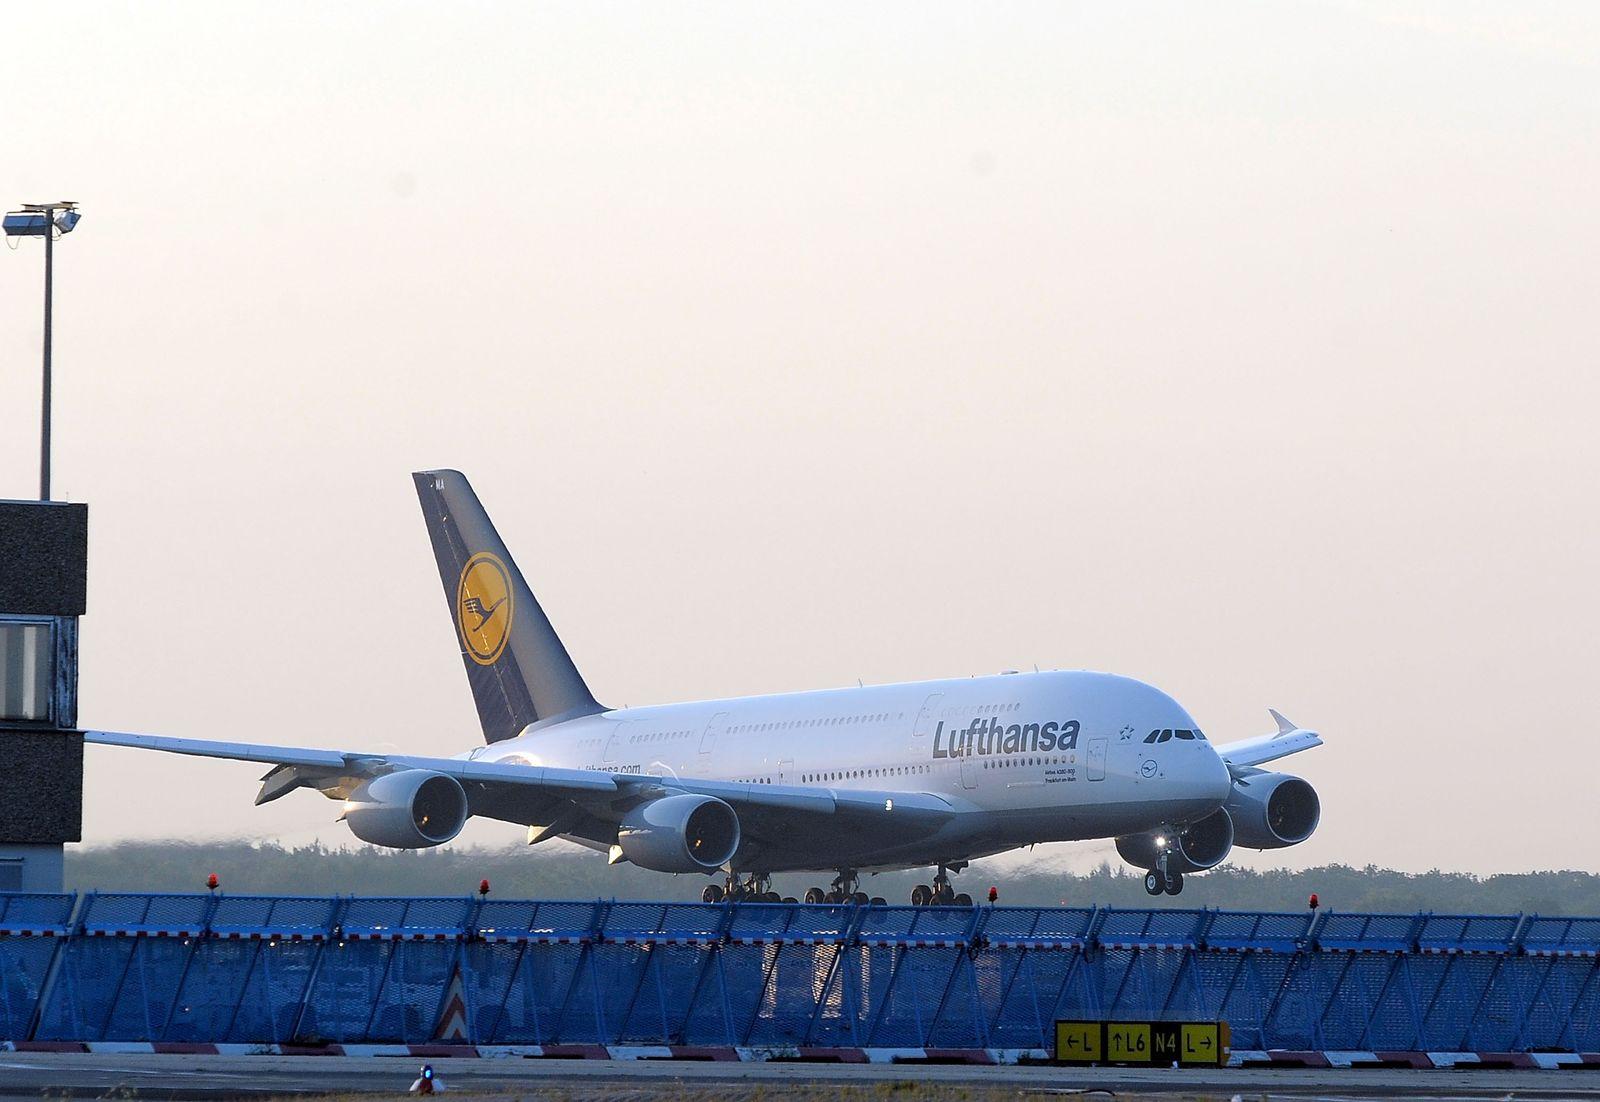 Lufthansa A380 Airbus